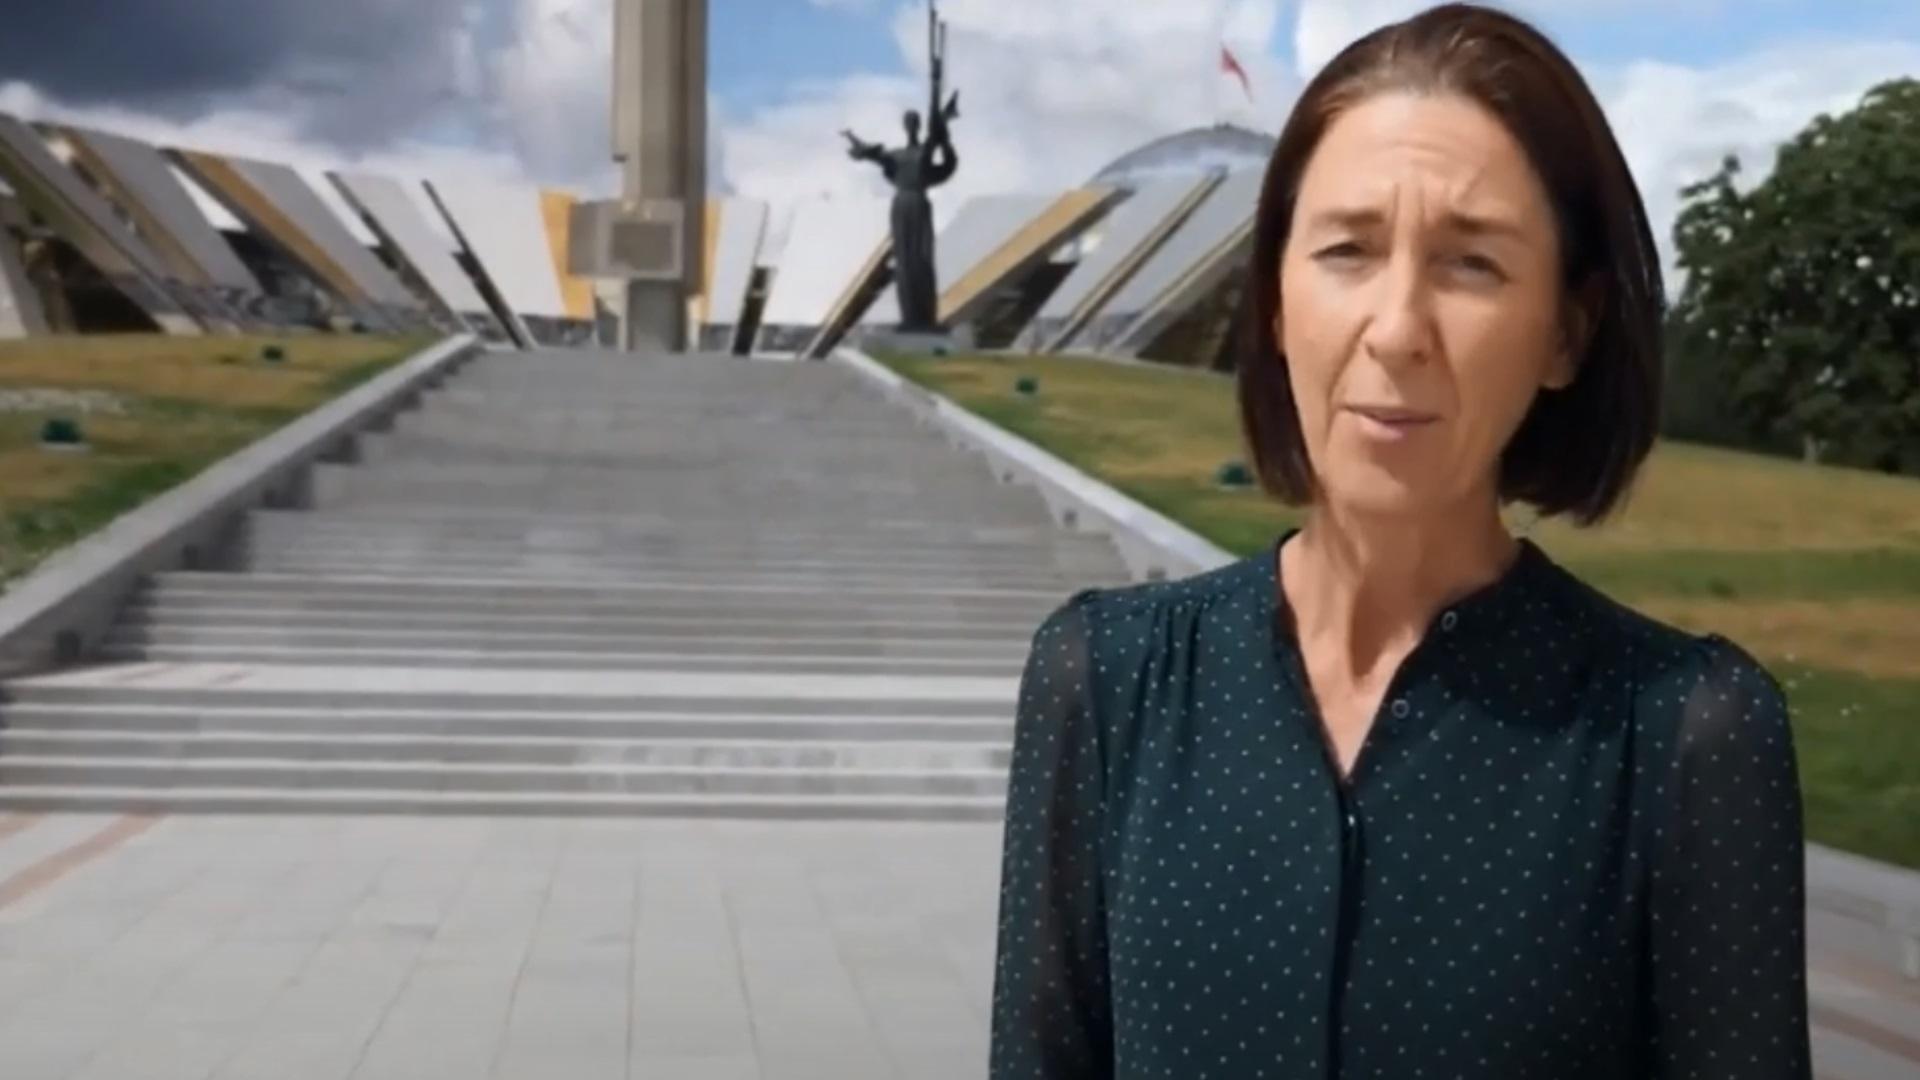 Ρωσία: Ανεπιθύμητο πρόσωπο βρετανίδα δημοσιογράφος του BBC – Τη διώχνουν από τη χώρα